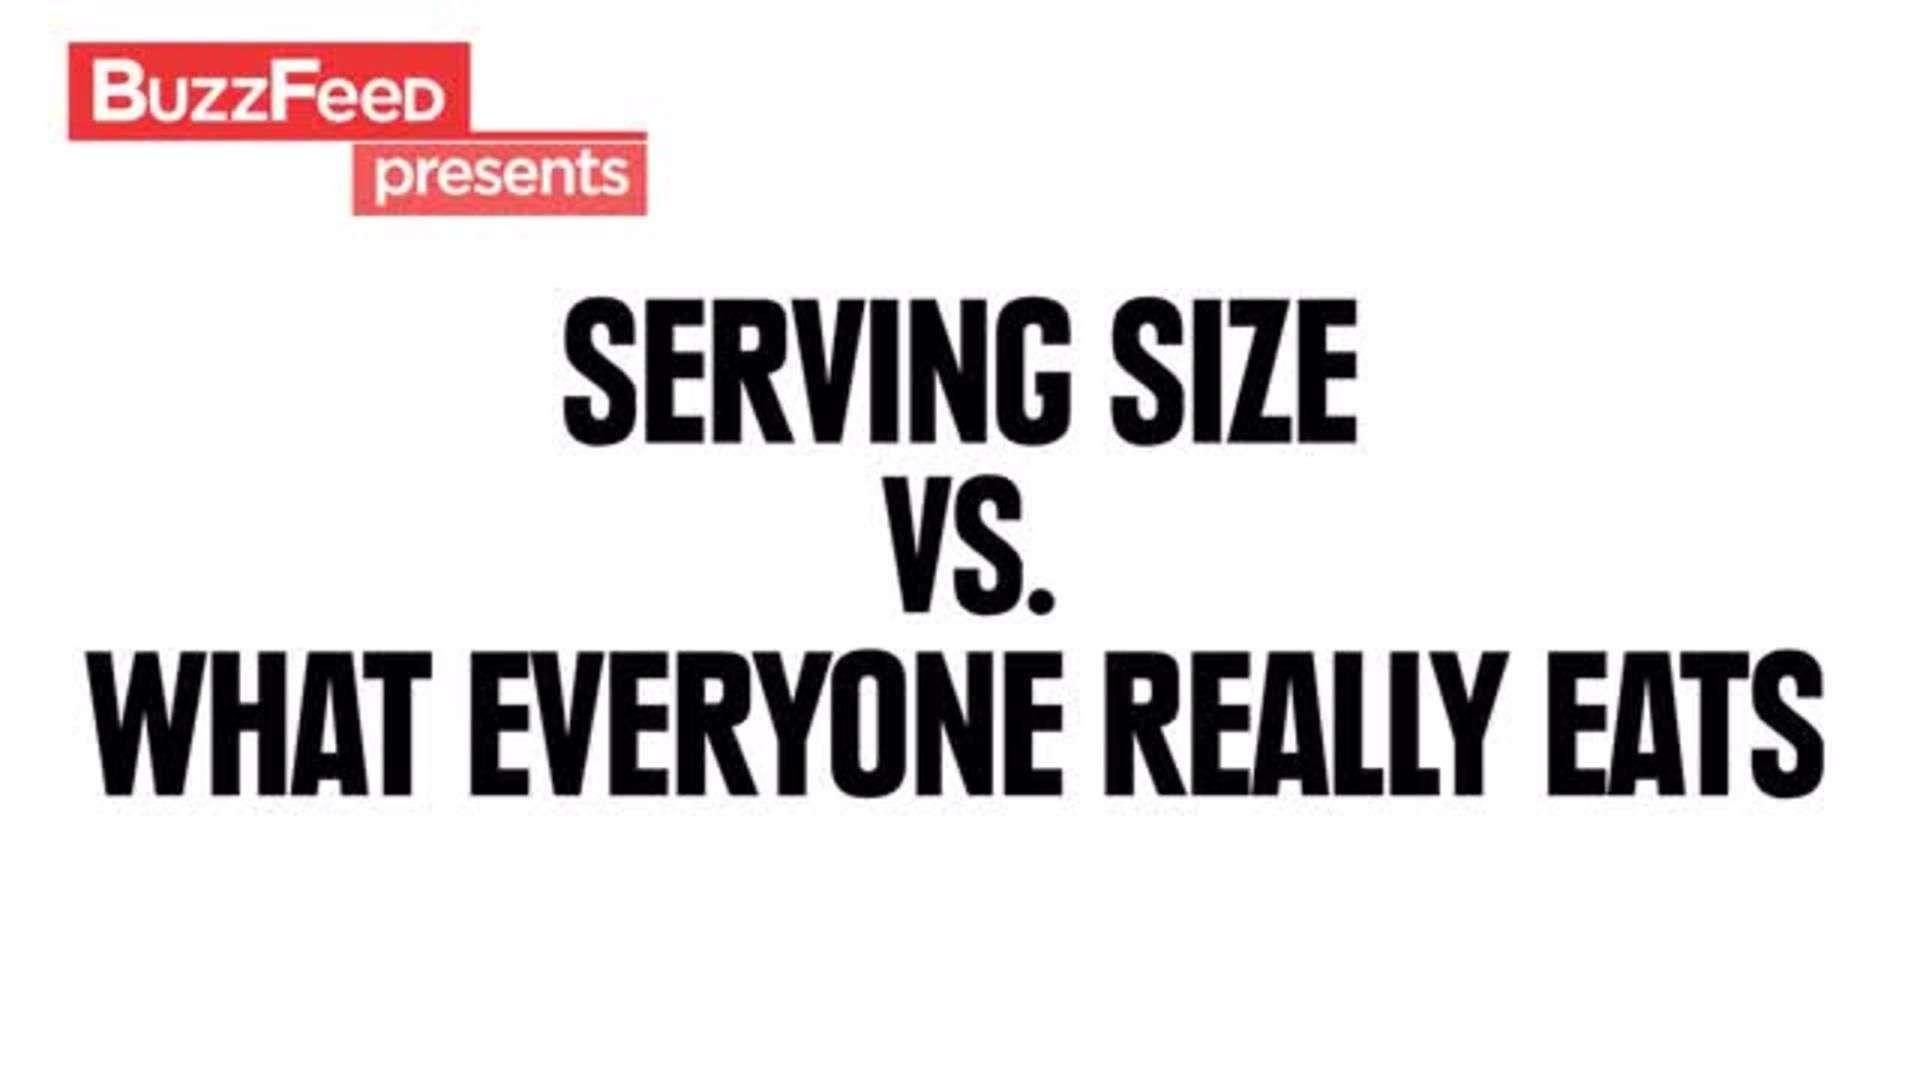 Porciones de comida vs. Realidad